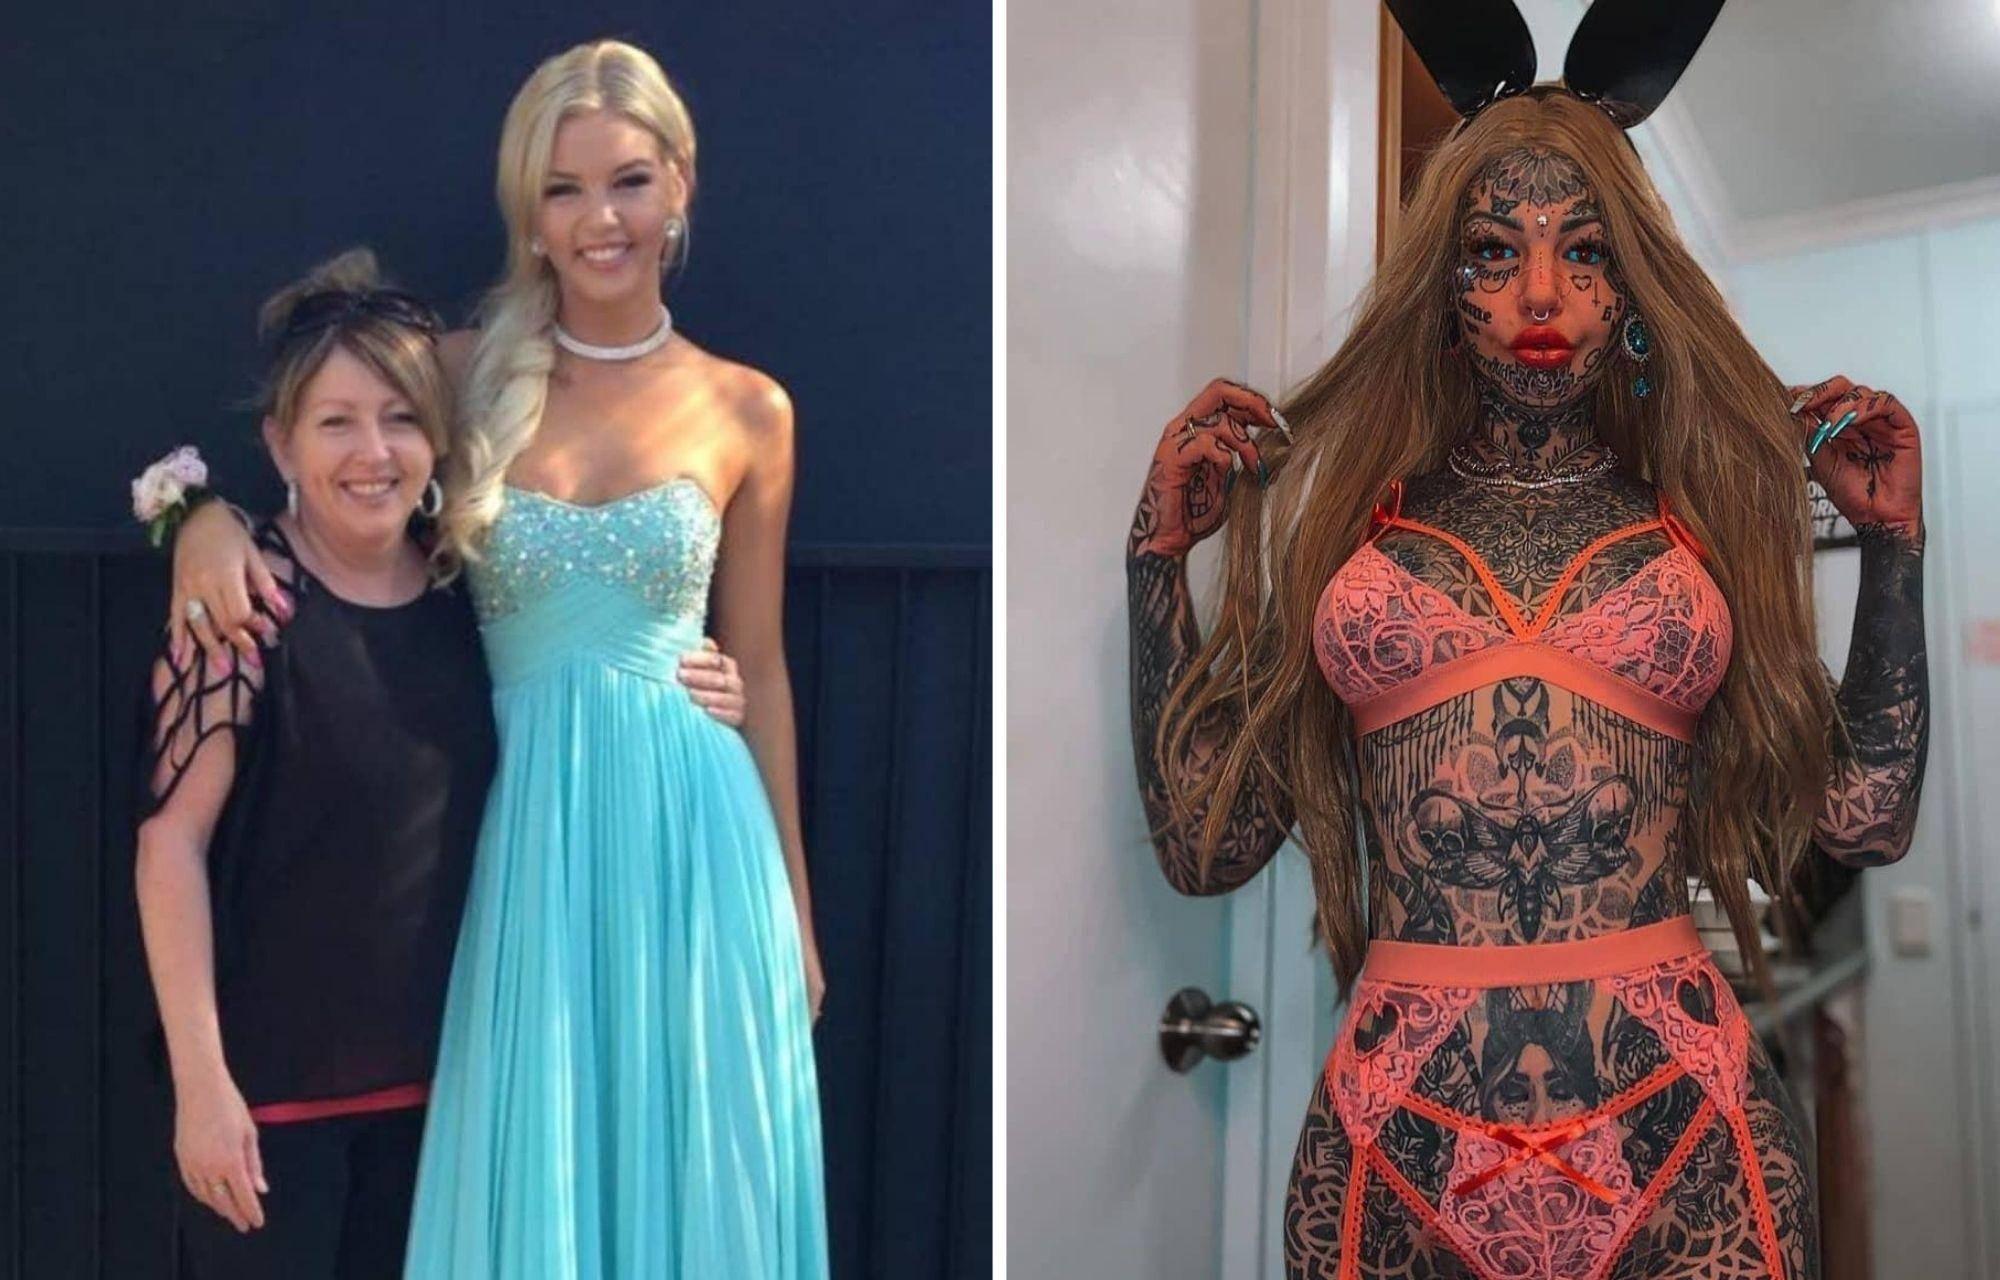 Как выглядят тату-модели, если временно избавить их от рисунков на теле: 12 фото до и после